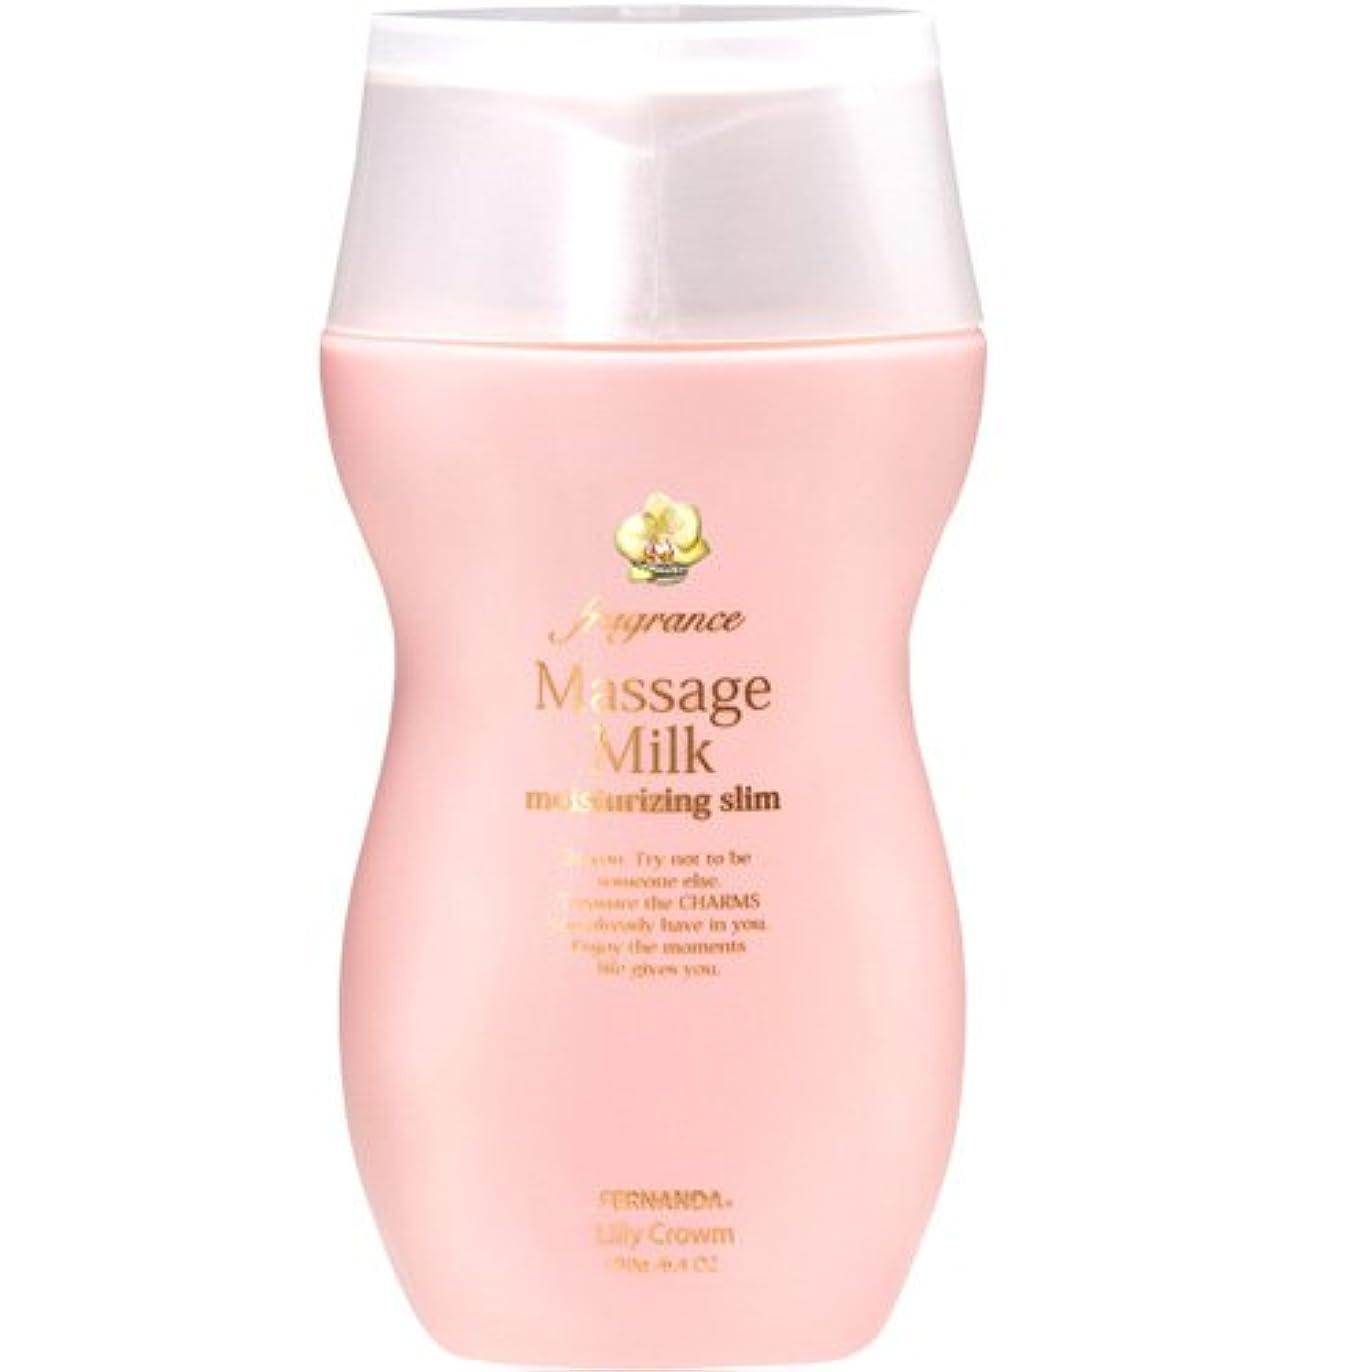 ガラガラ絶滅時代FERNANDA(フェルナンダ) Massage Milk Lilly Crown (マッサージミルク リリークラウン)